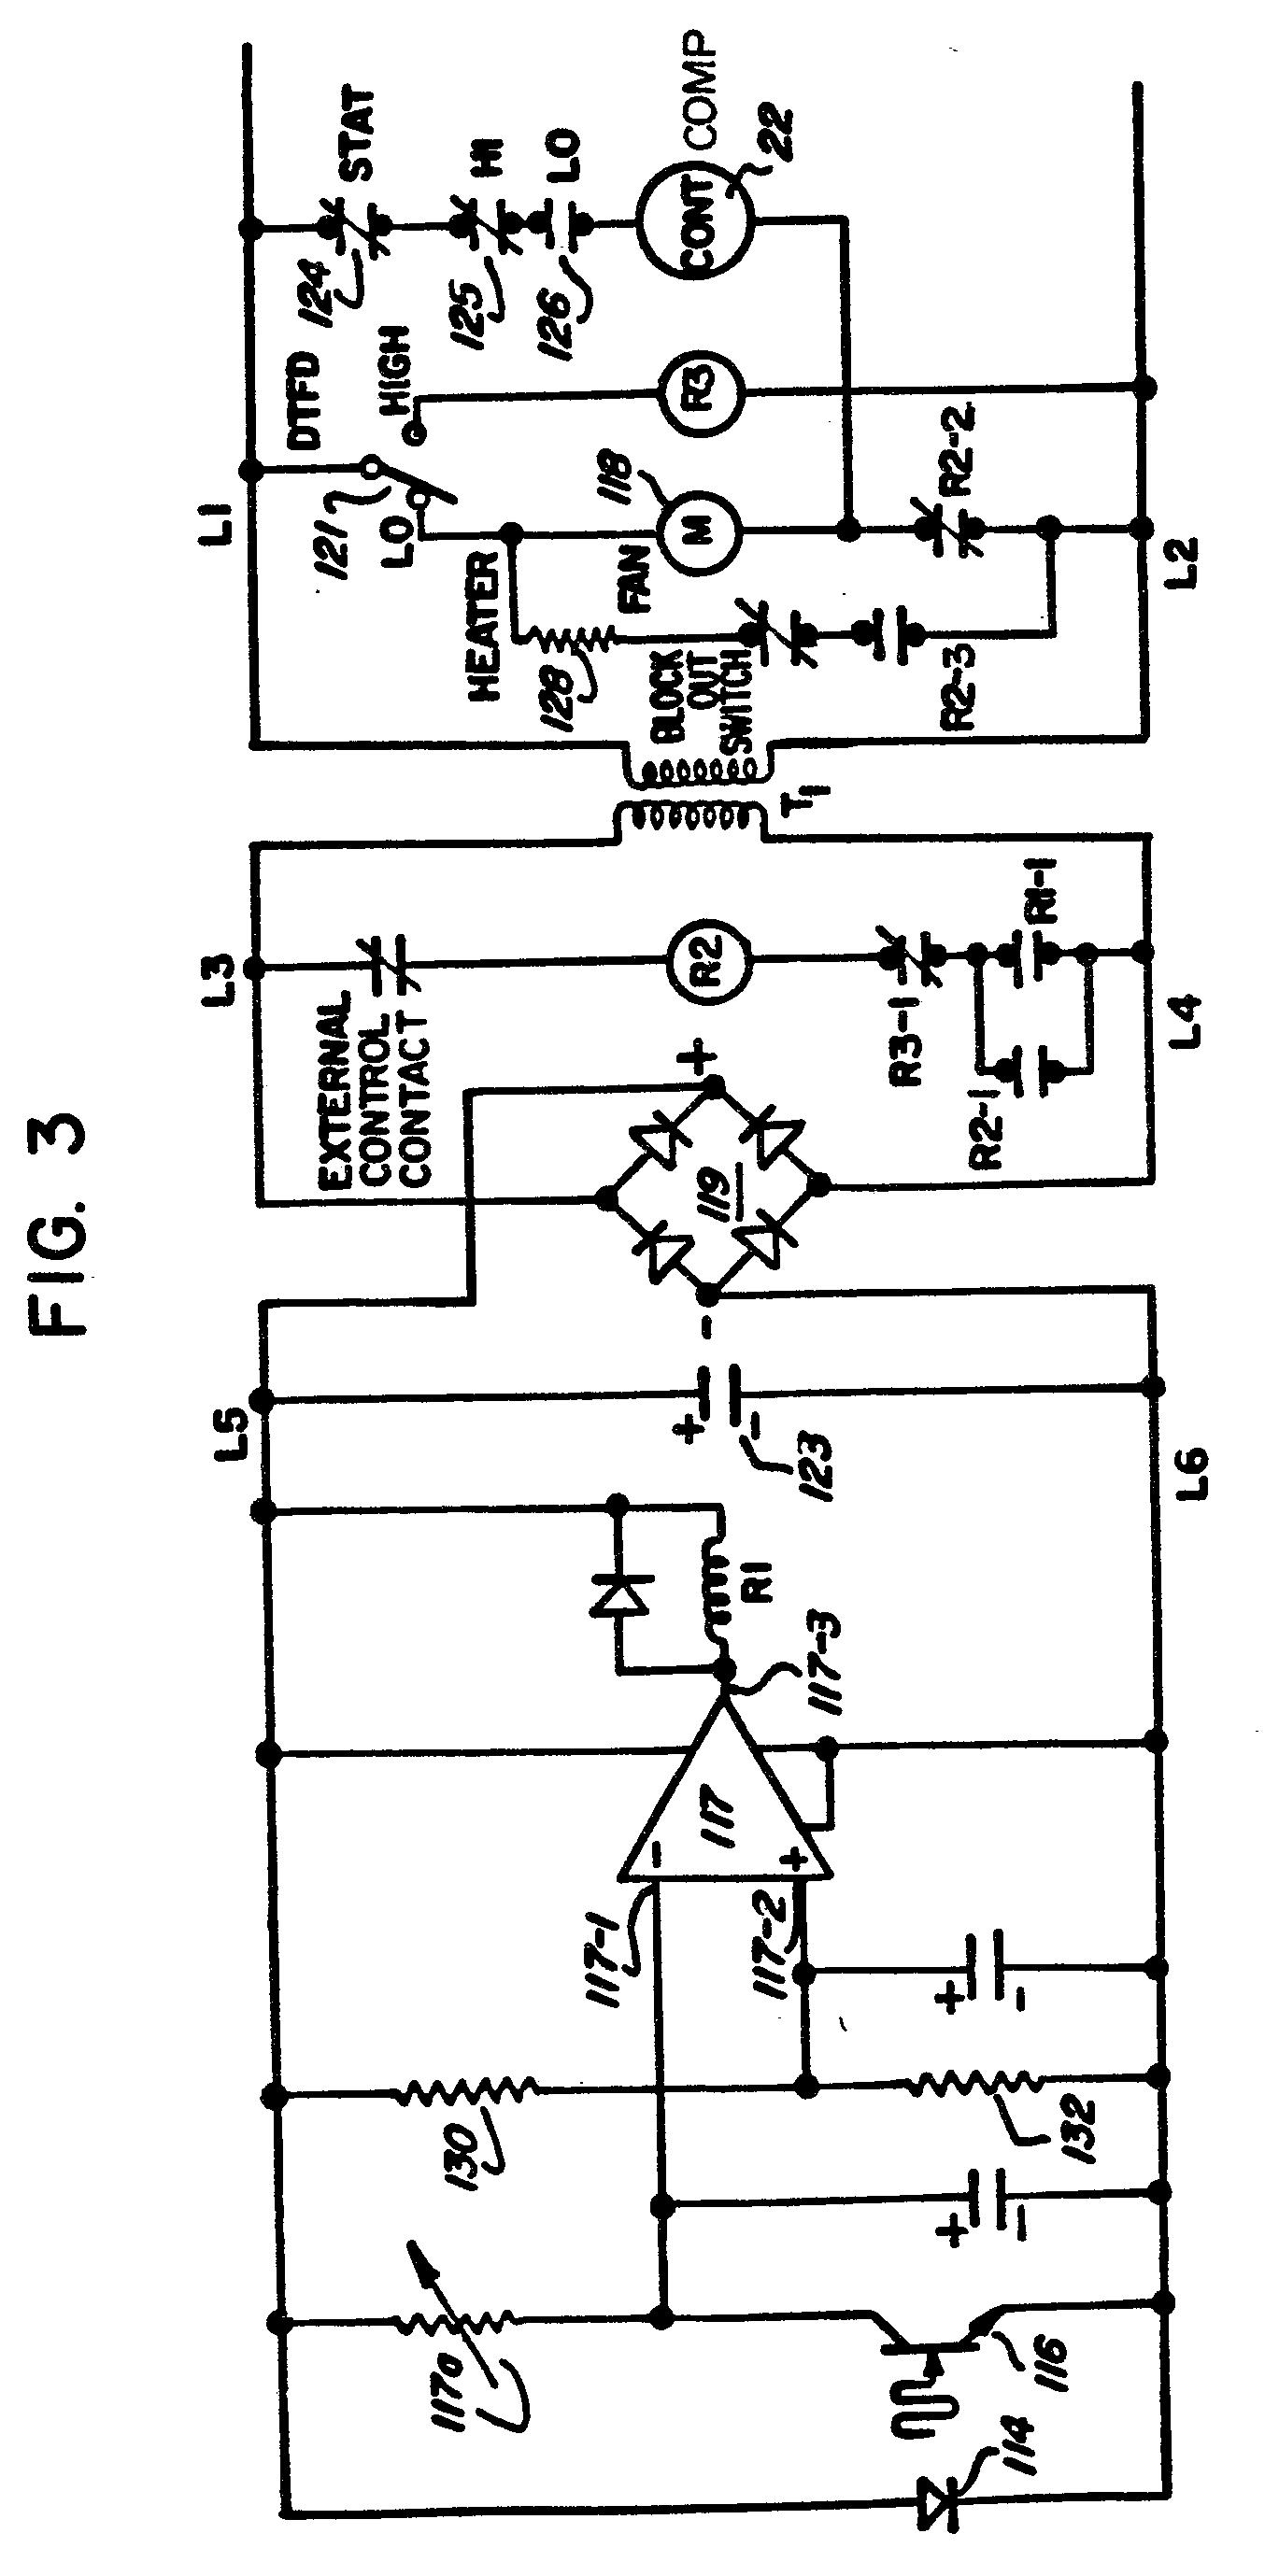 3 wire fan delay klixon wiring diagram